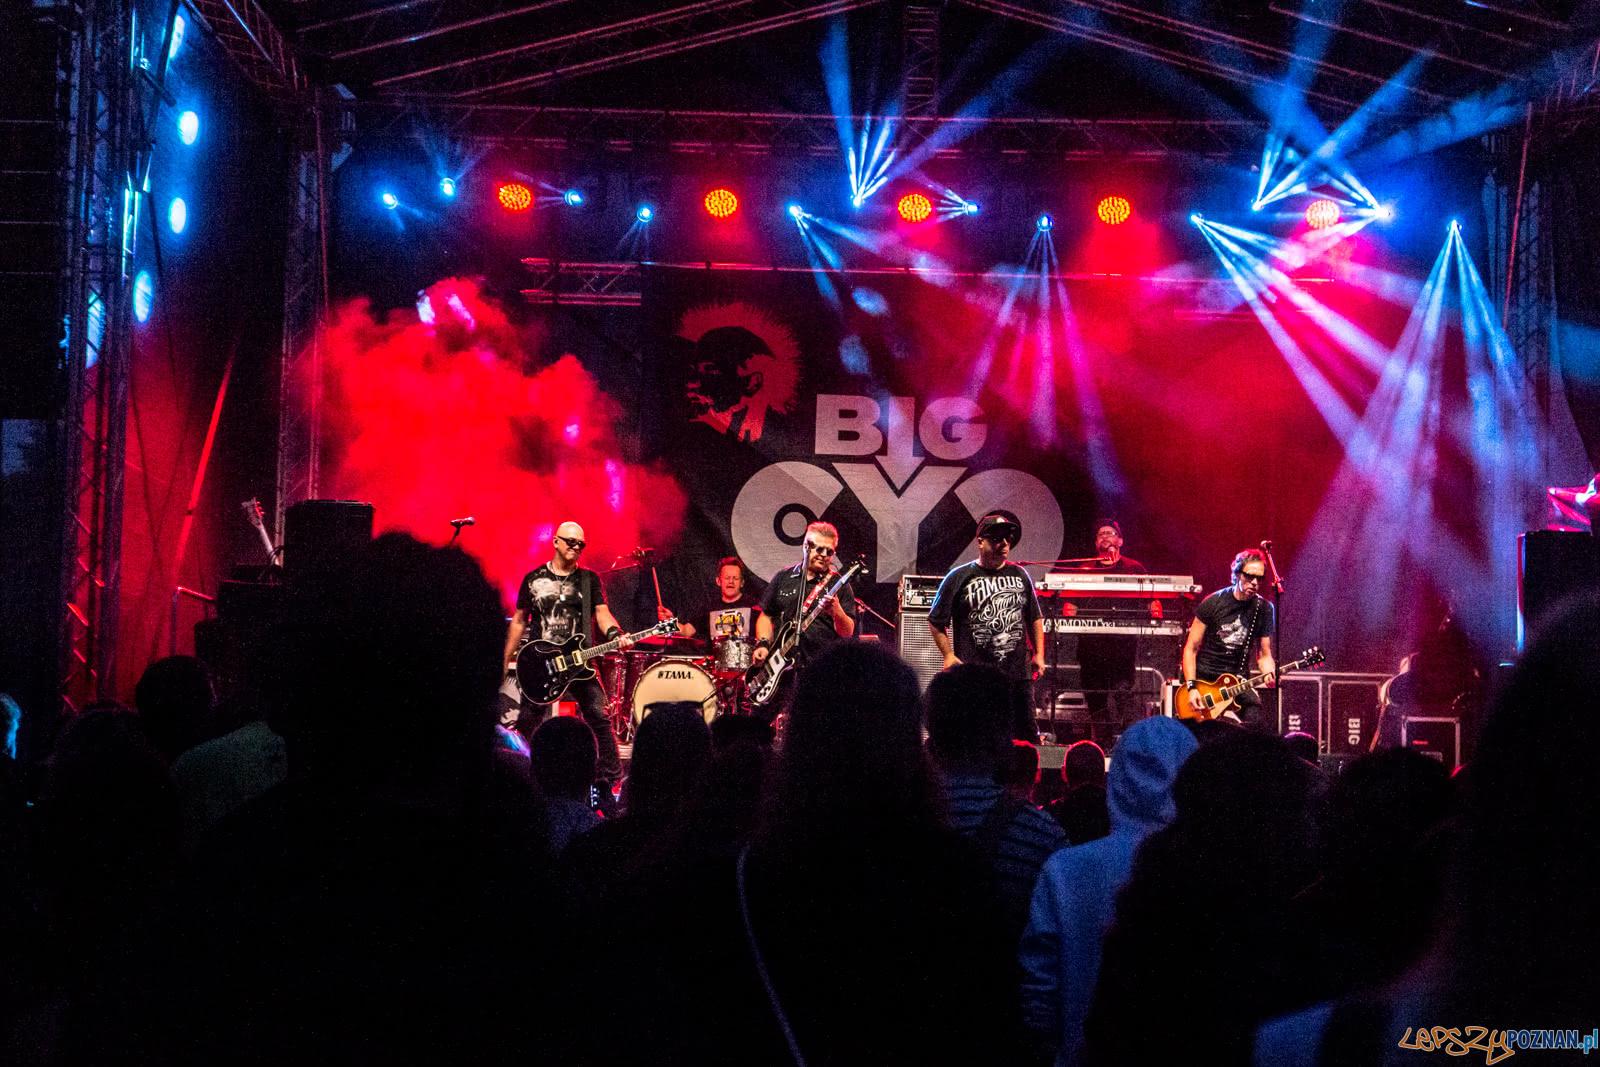 Big Cyc Na Falach  Foto: lepszyPOZNAN.pl / Ewelina Jaśkowiak